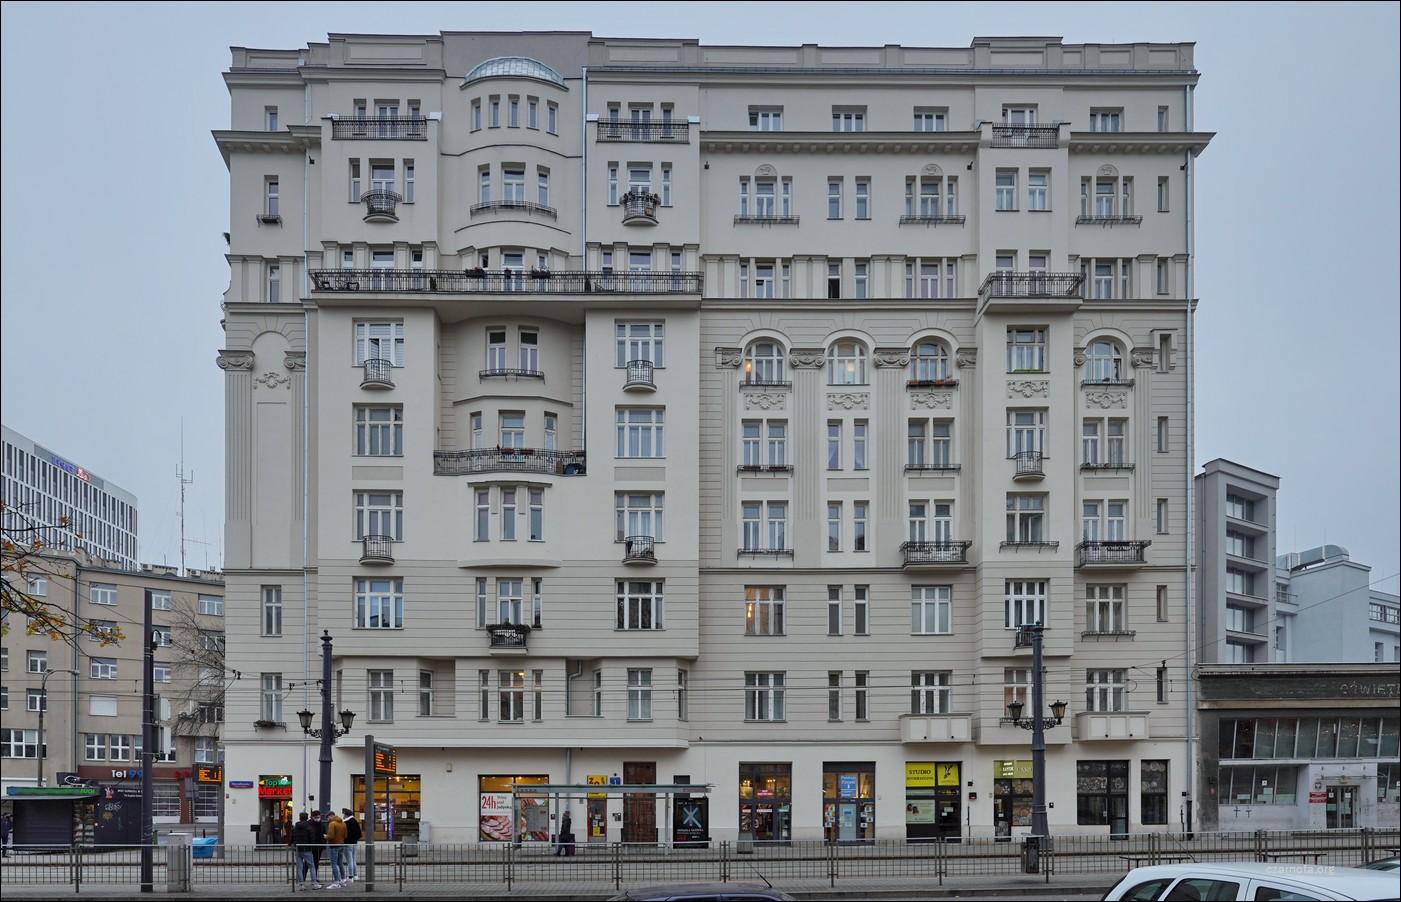 Warszawa, ul. Marszałkowska 1, kamienica Kacperskich